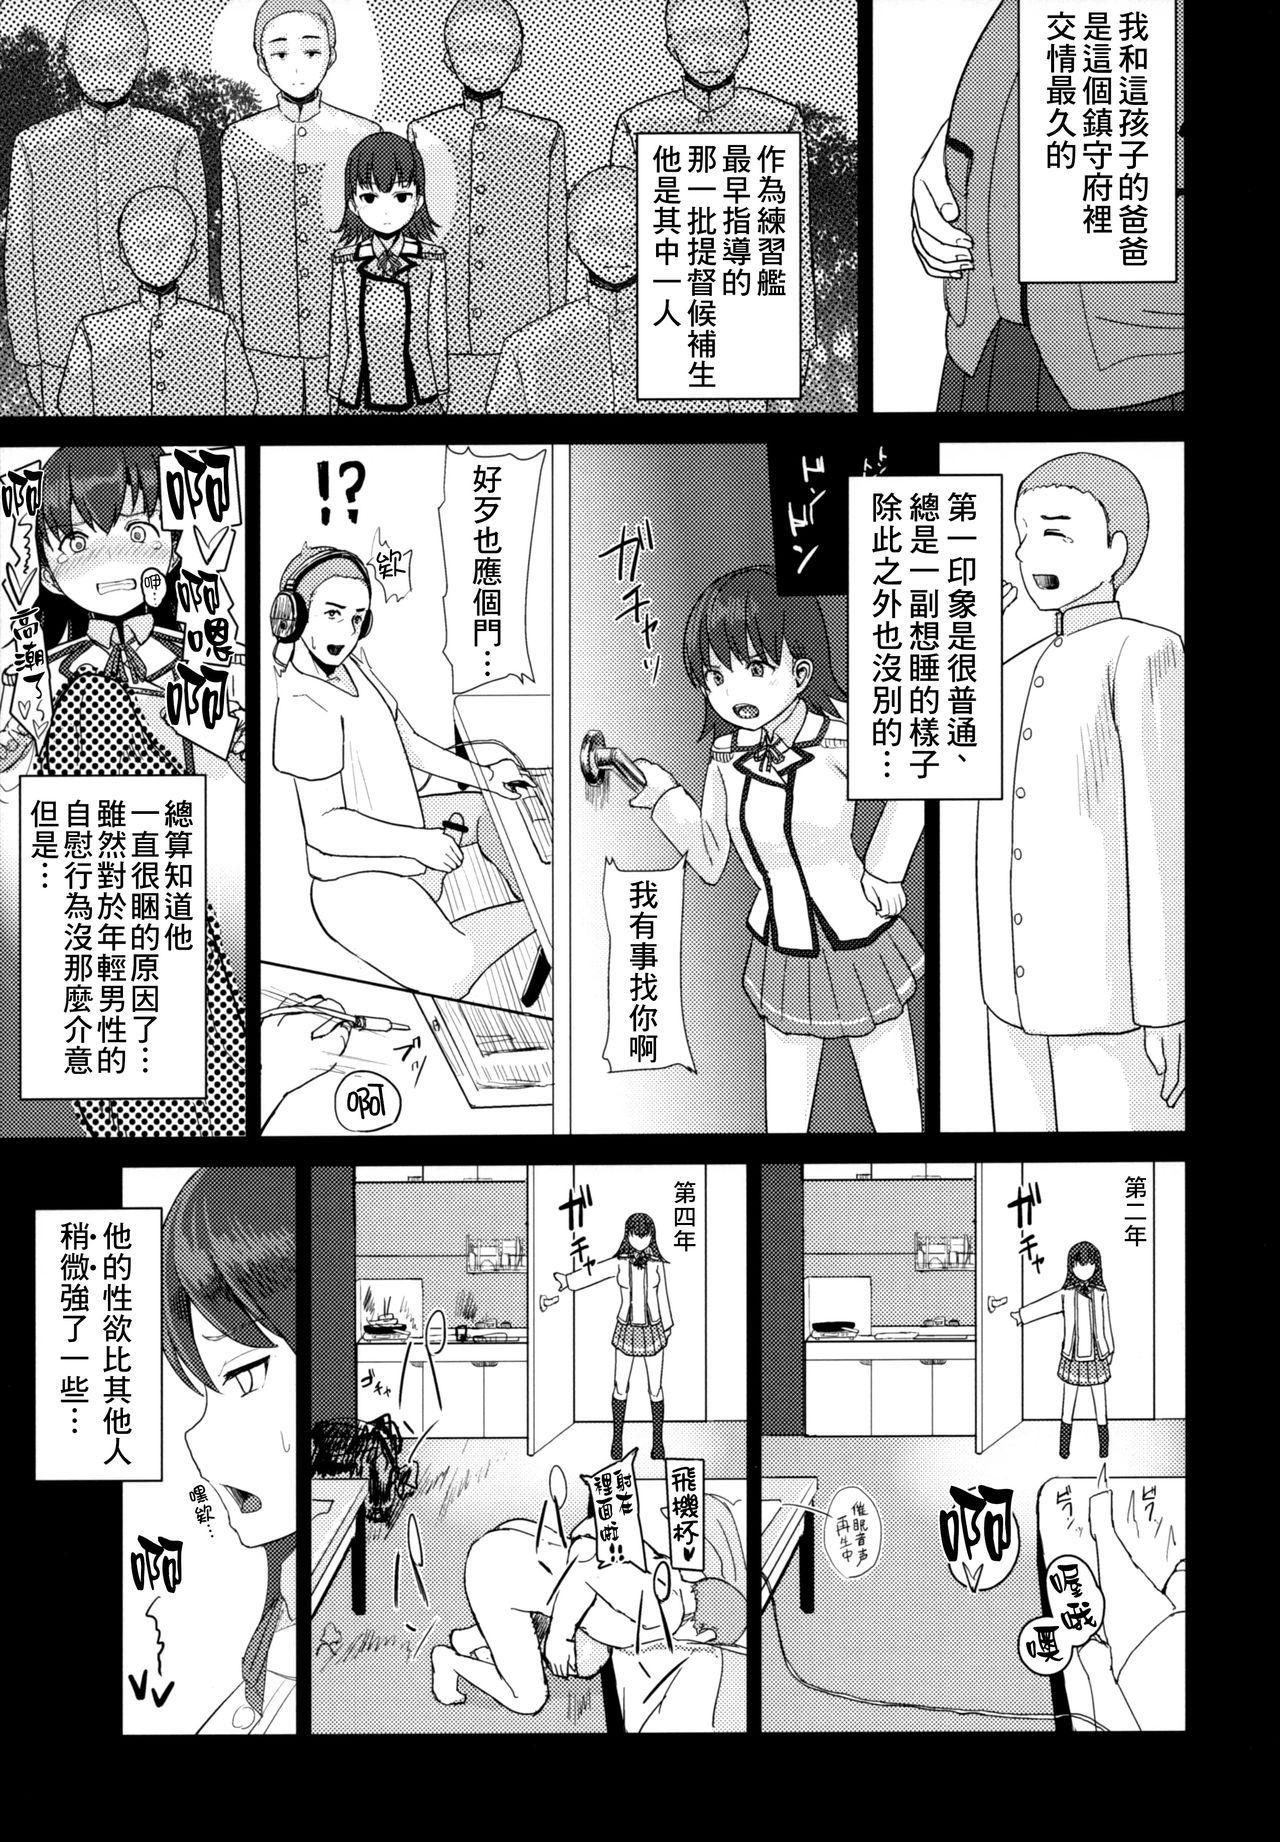 Ooicchi ni Aka-chan ga Imasu 4